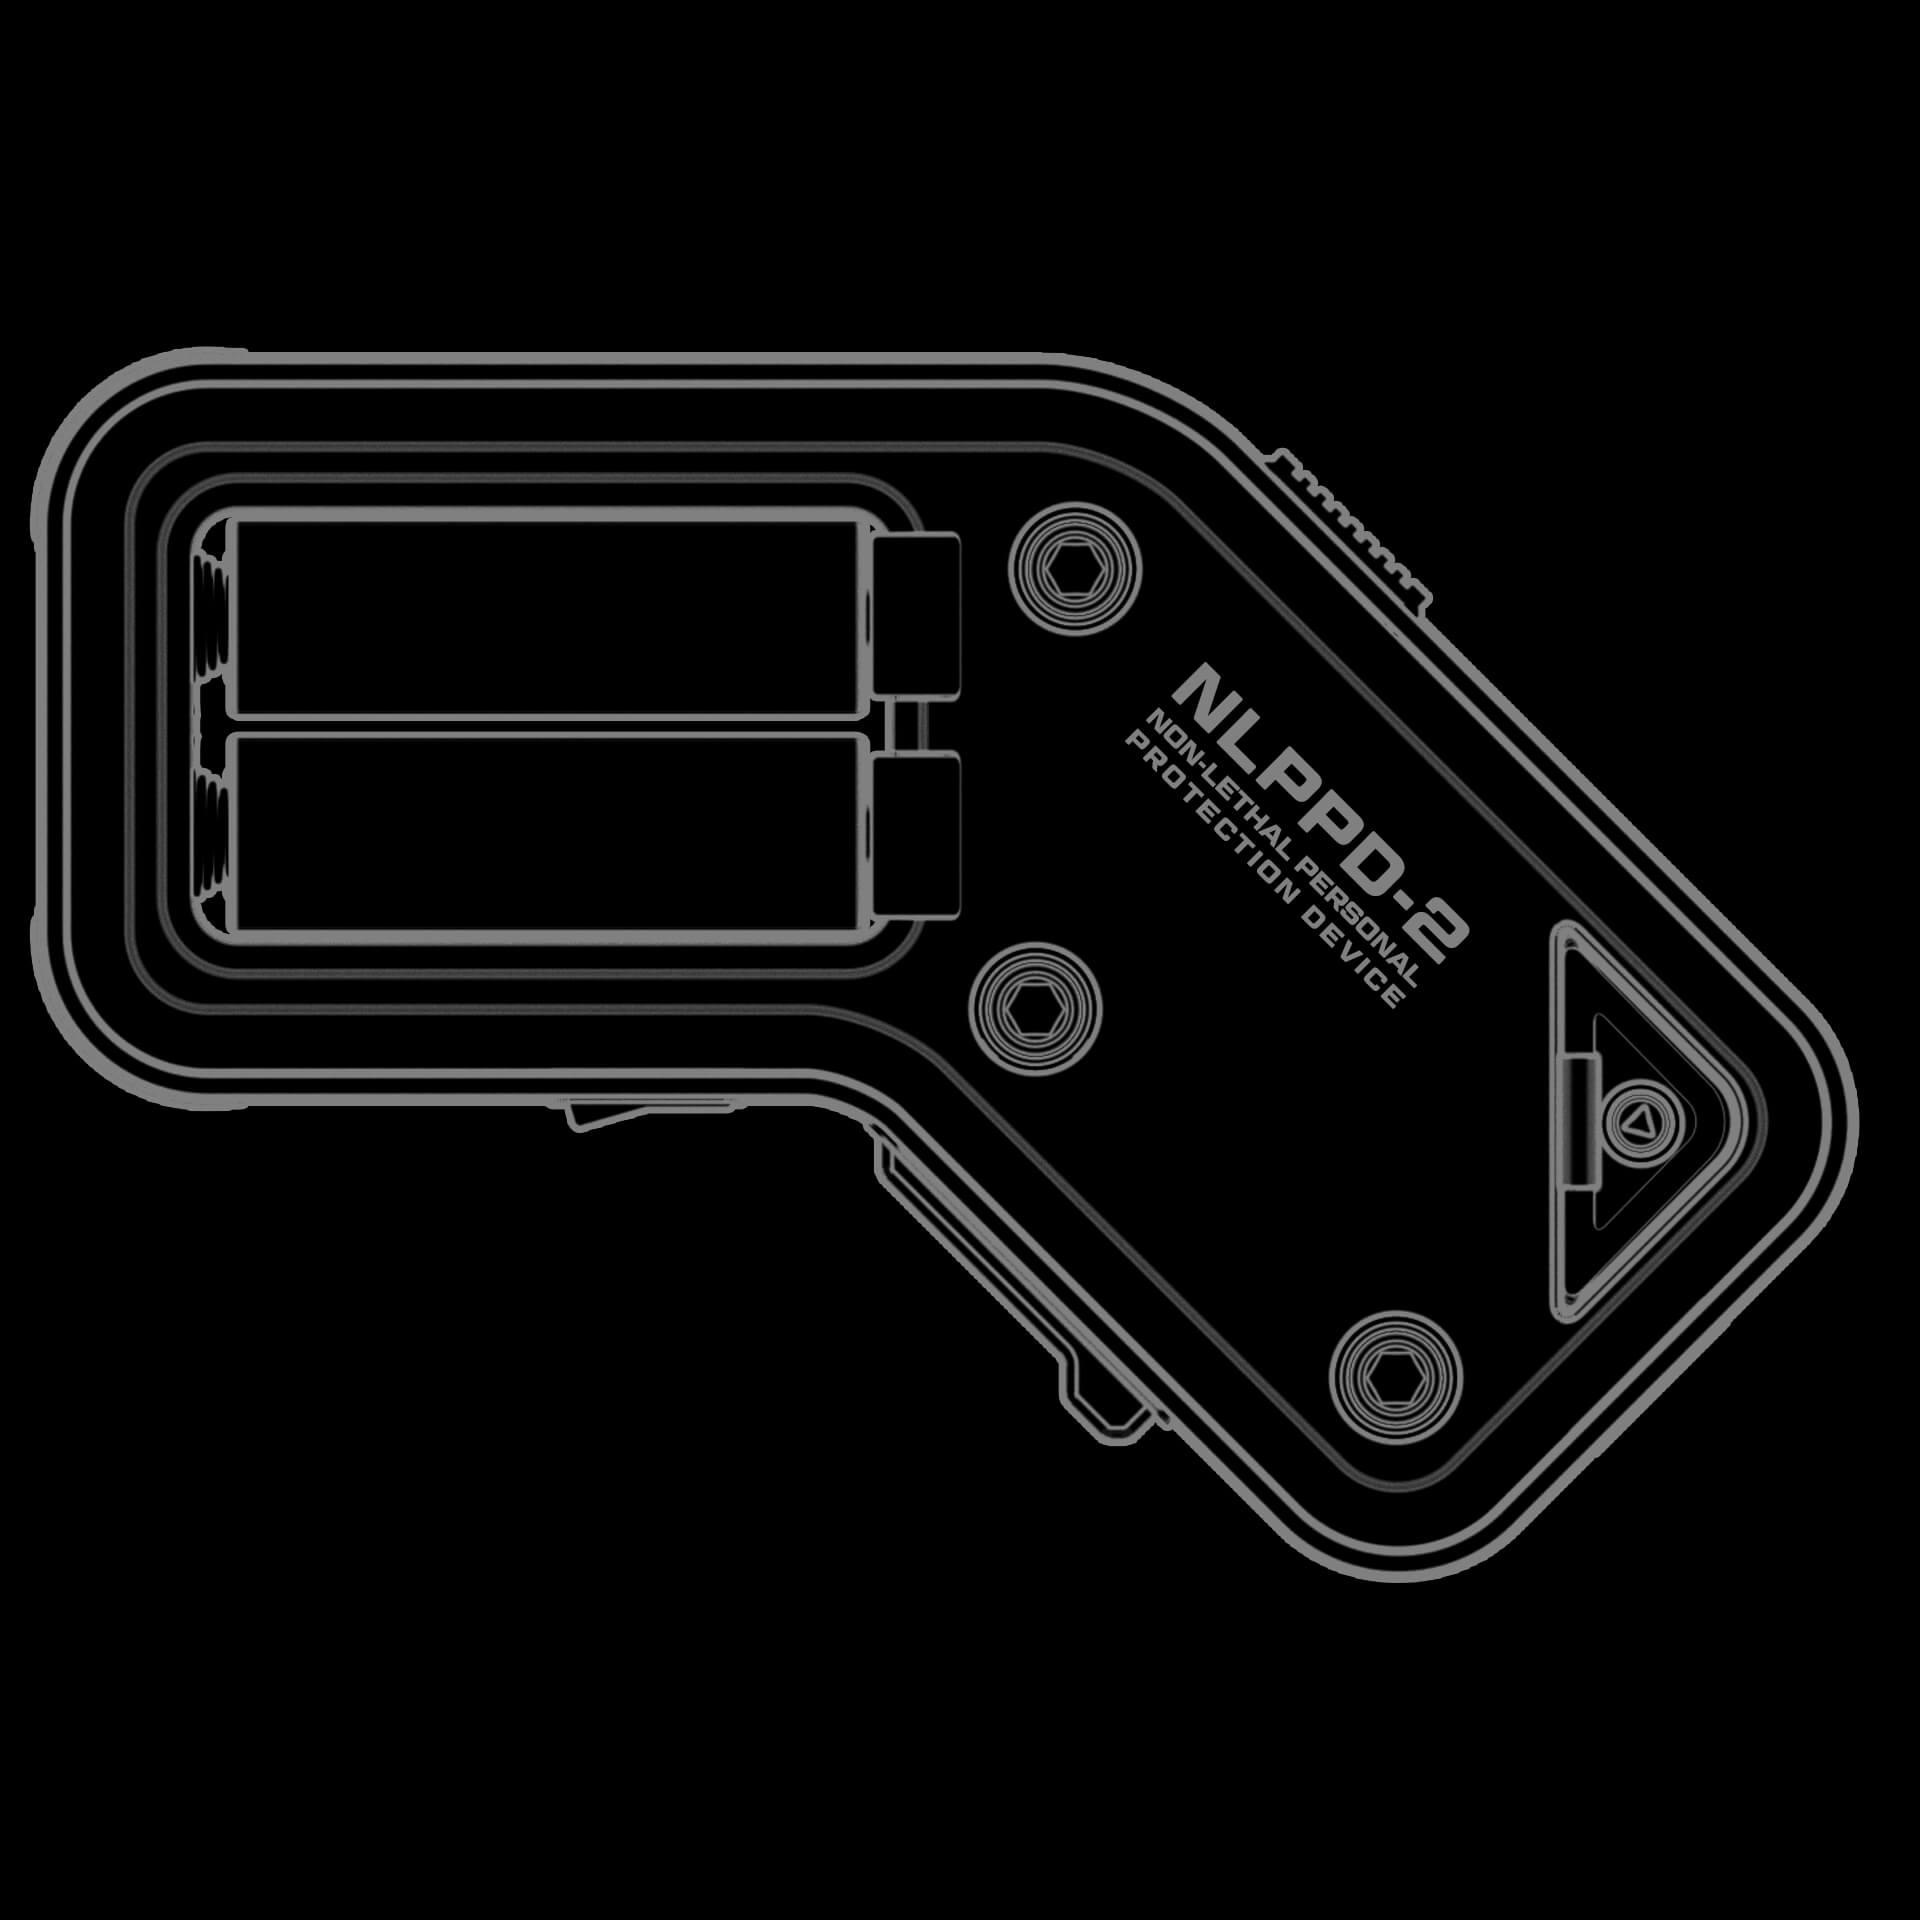 Blueprint-a02-1